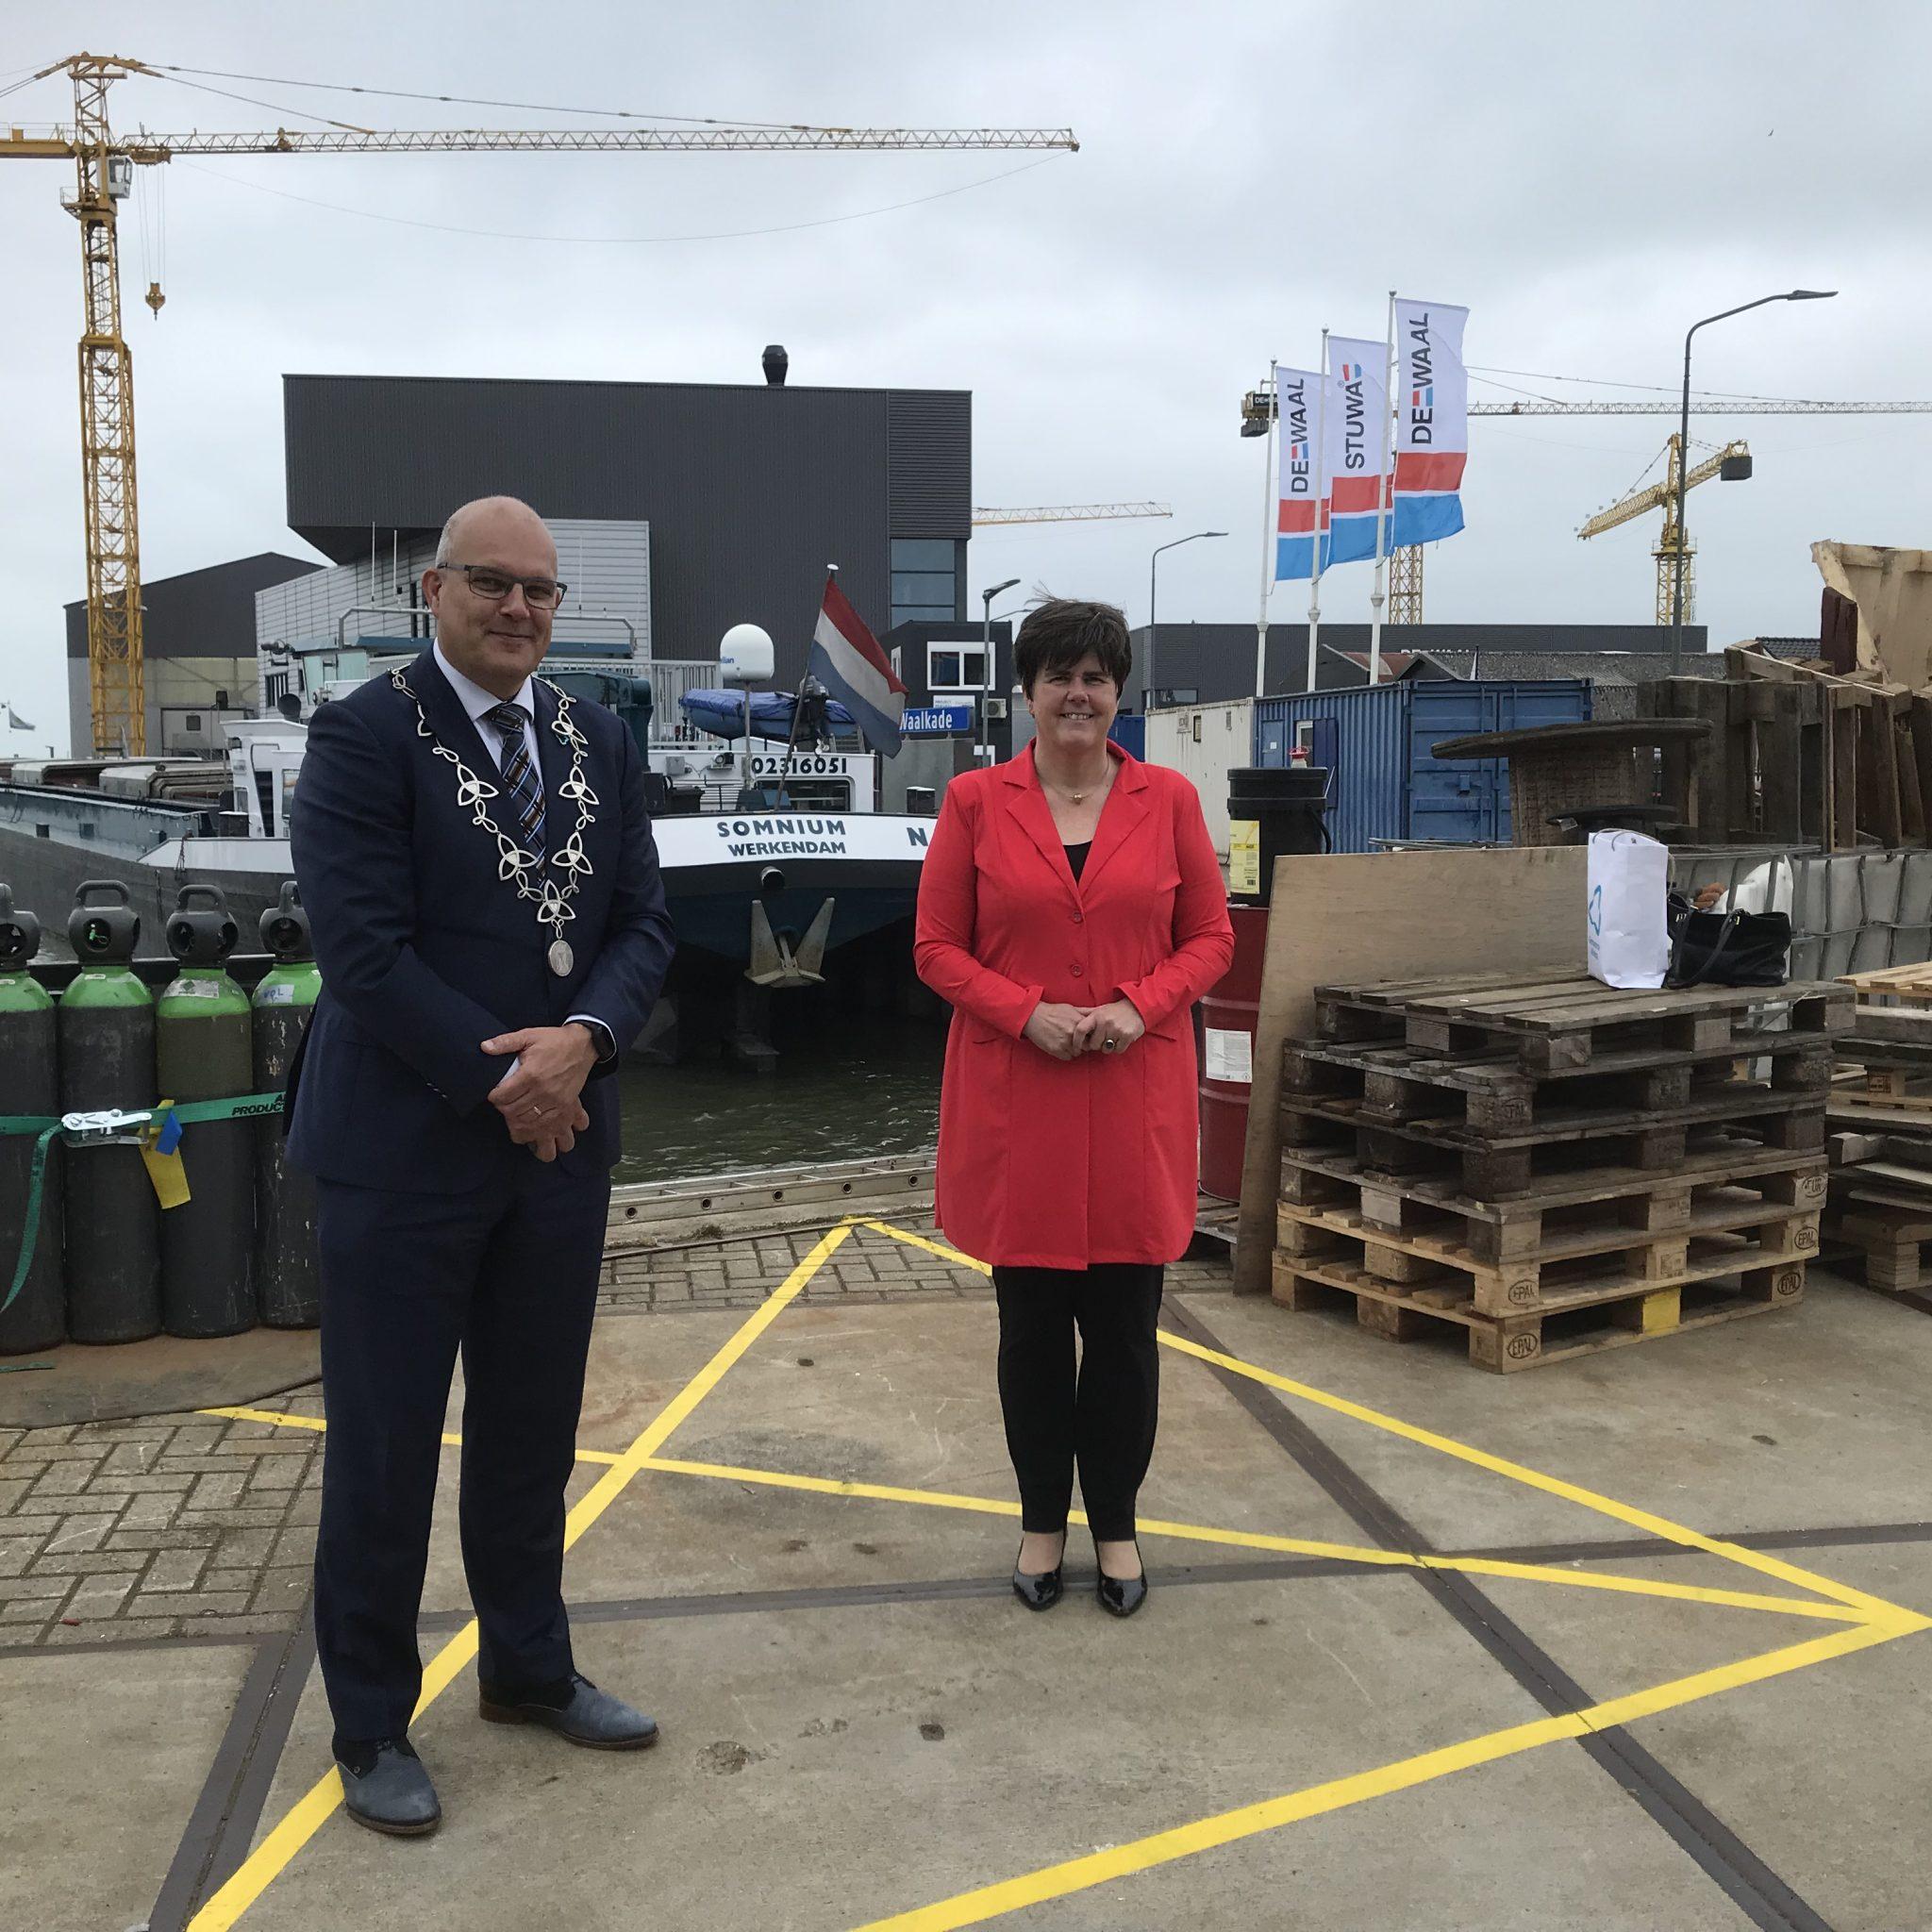 Burgemeester Egbert Lichtenberg begeleidt commissaris Ine Adema bij haar bezoek aan de haven van Werkendam. (Foto Hannie Visser-Kieboom)